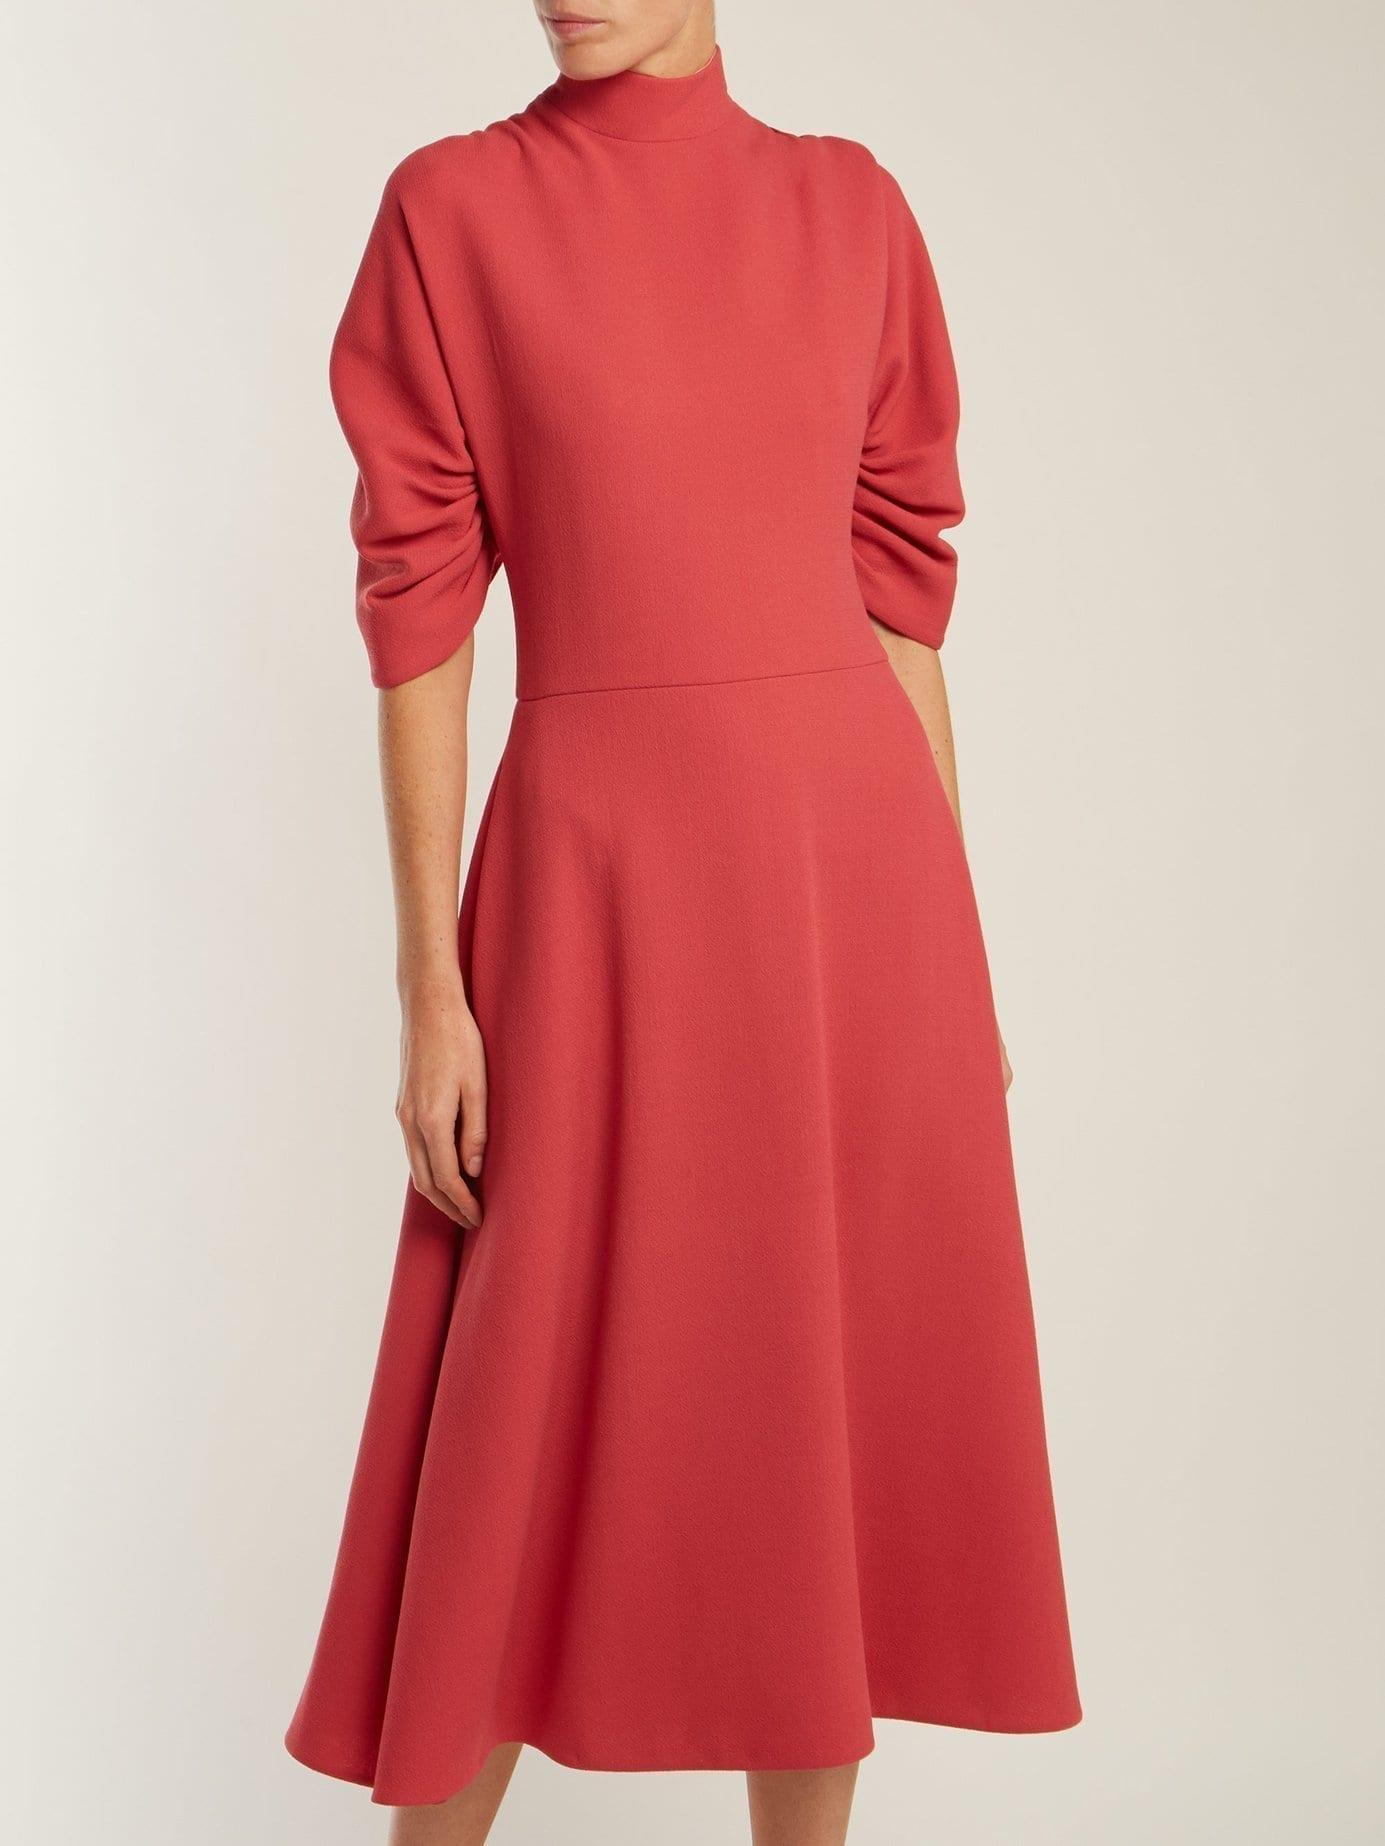 EMILIA WICKSTEAD Marvel Wool Crepe Pink Dress